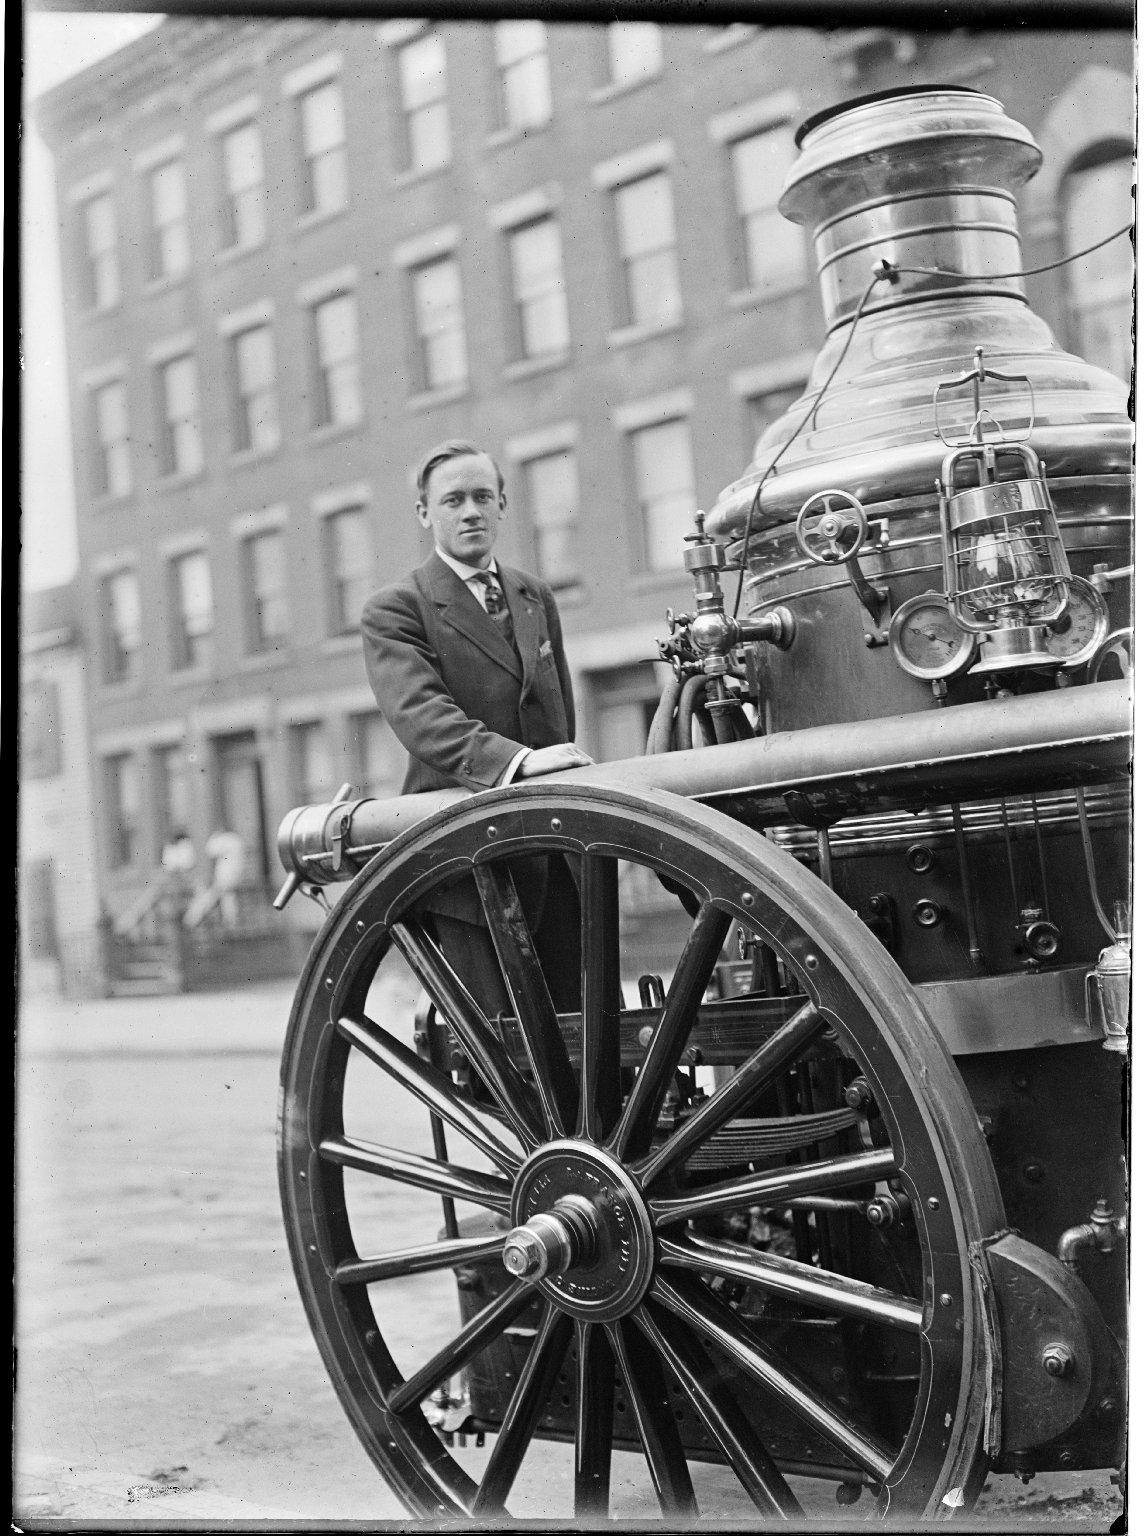 Паровой пожарный насос. Нью-Йорк, США. Начало 20 века